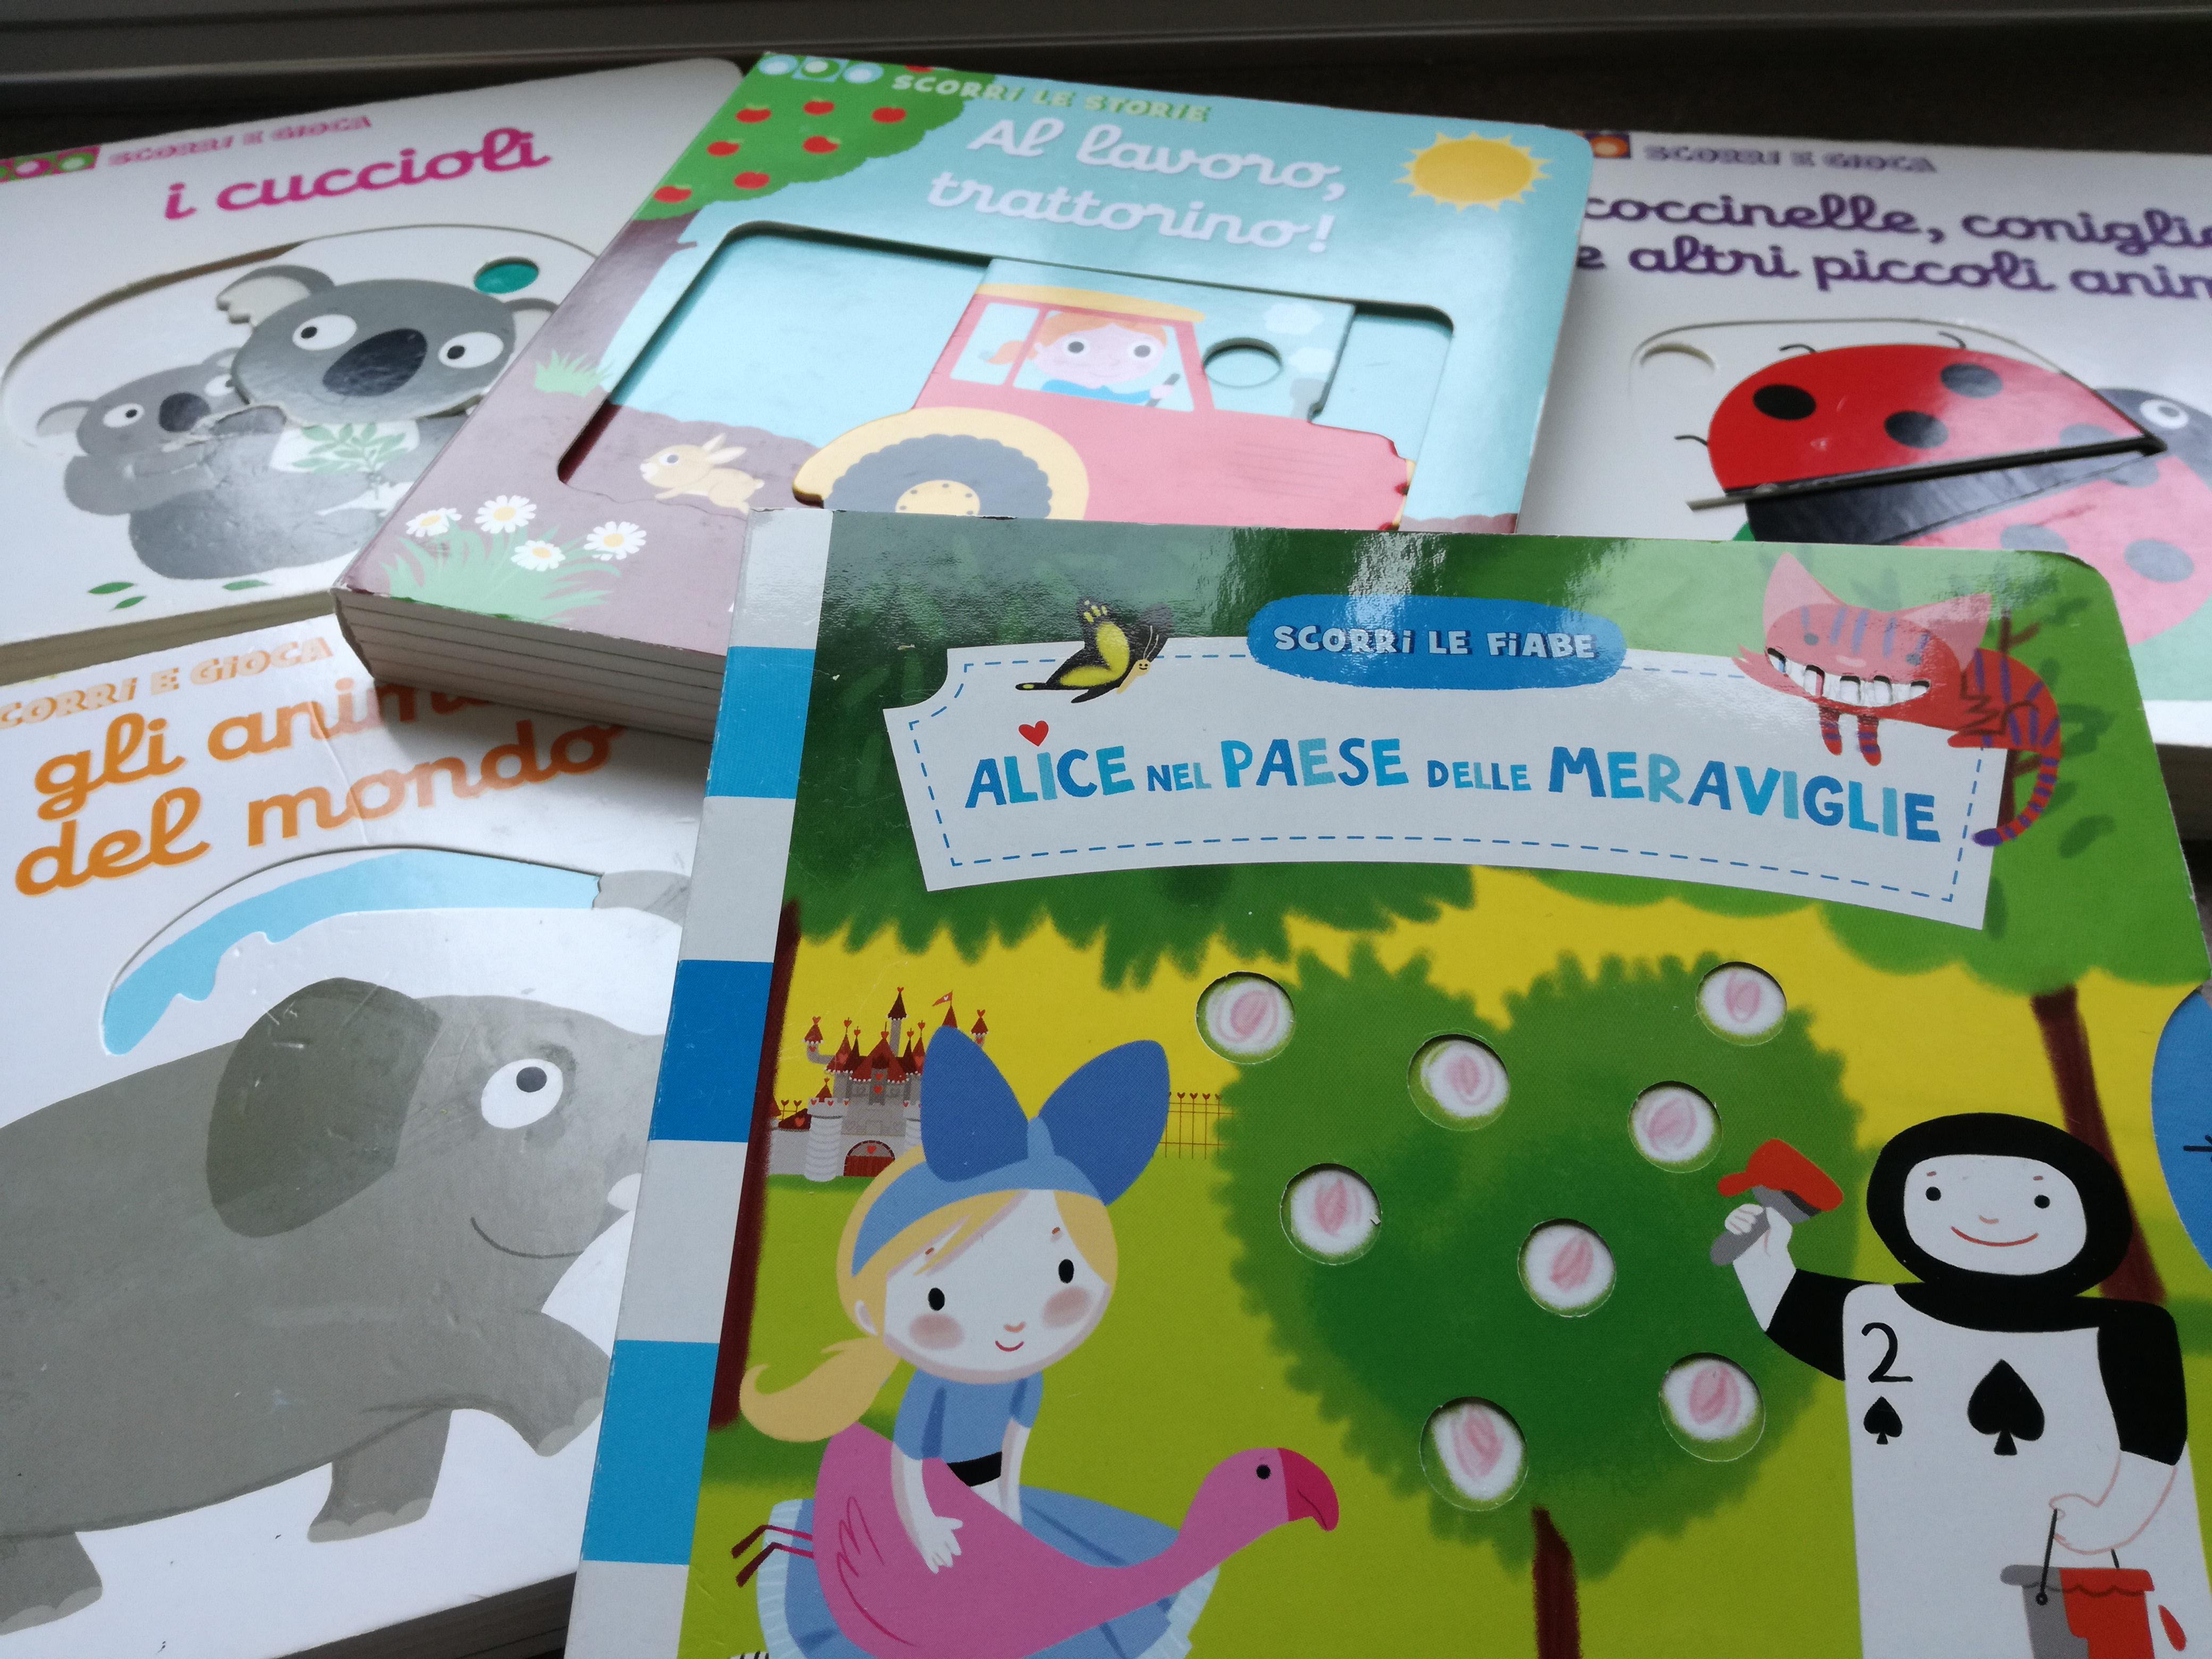 libri interattivi per bambini Gallucci scorri e gioca